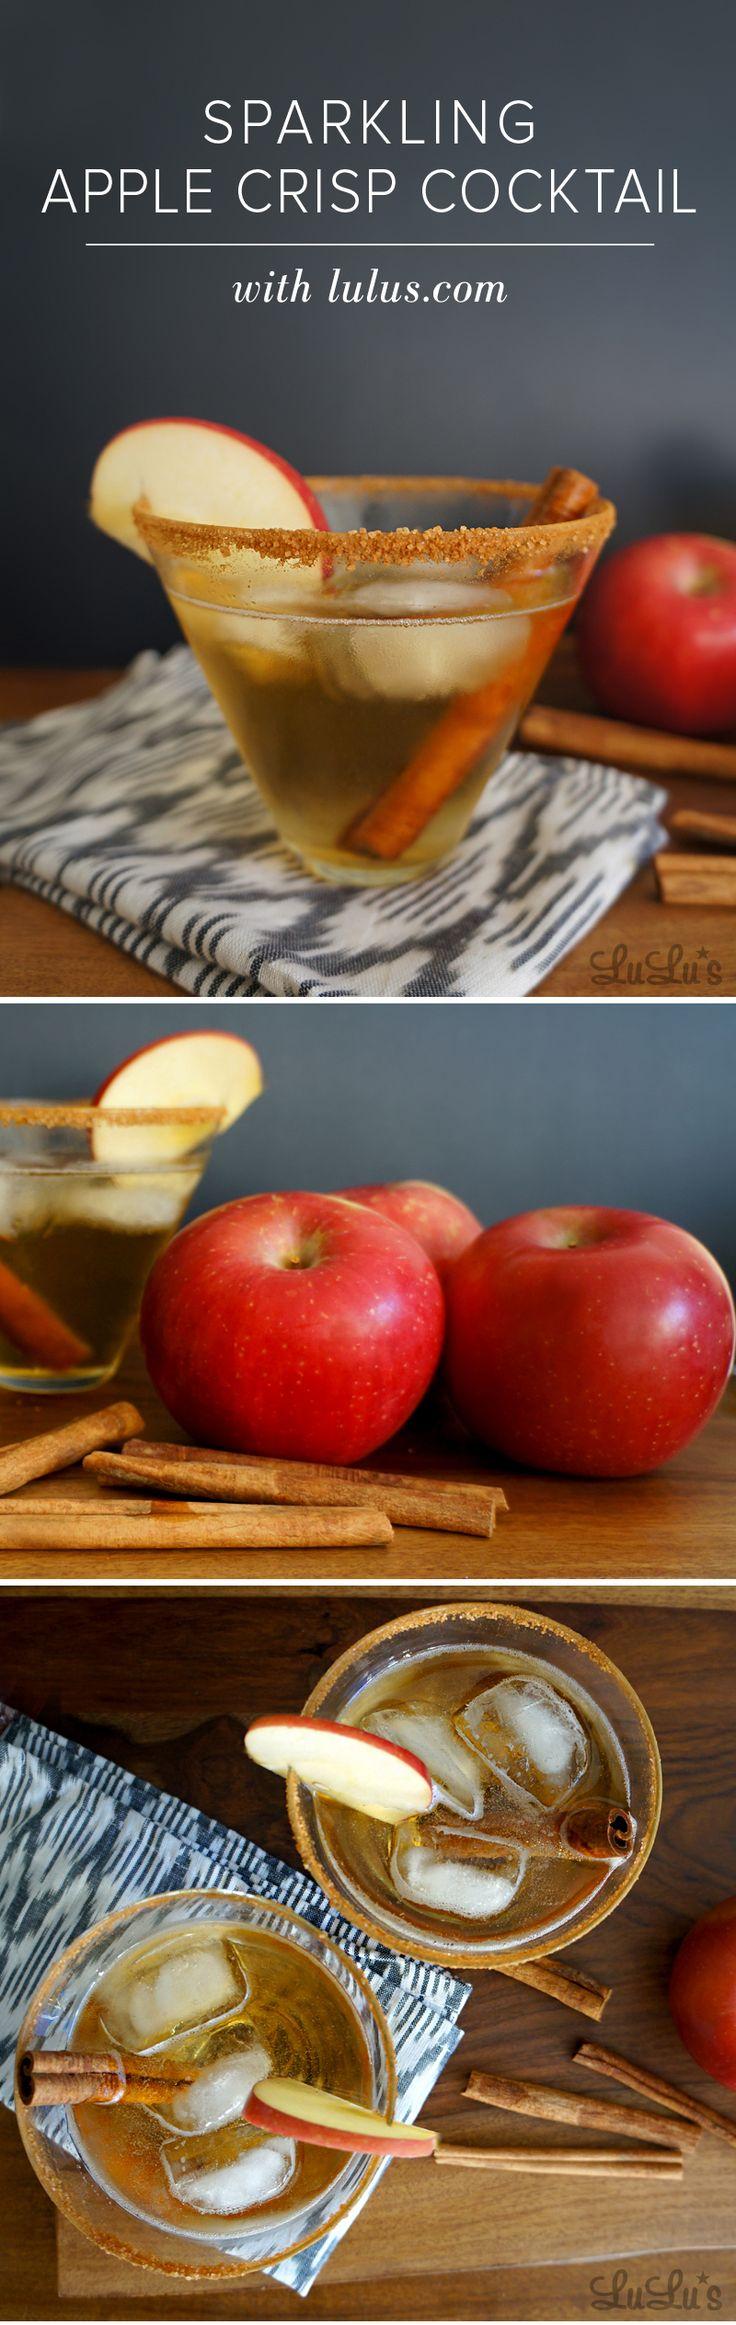 Sparkling Apple Crisp Cocktail